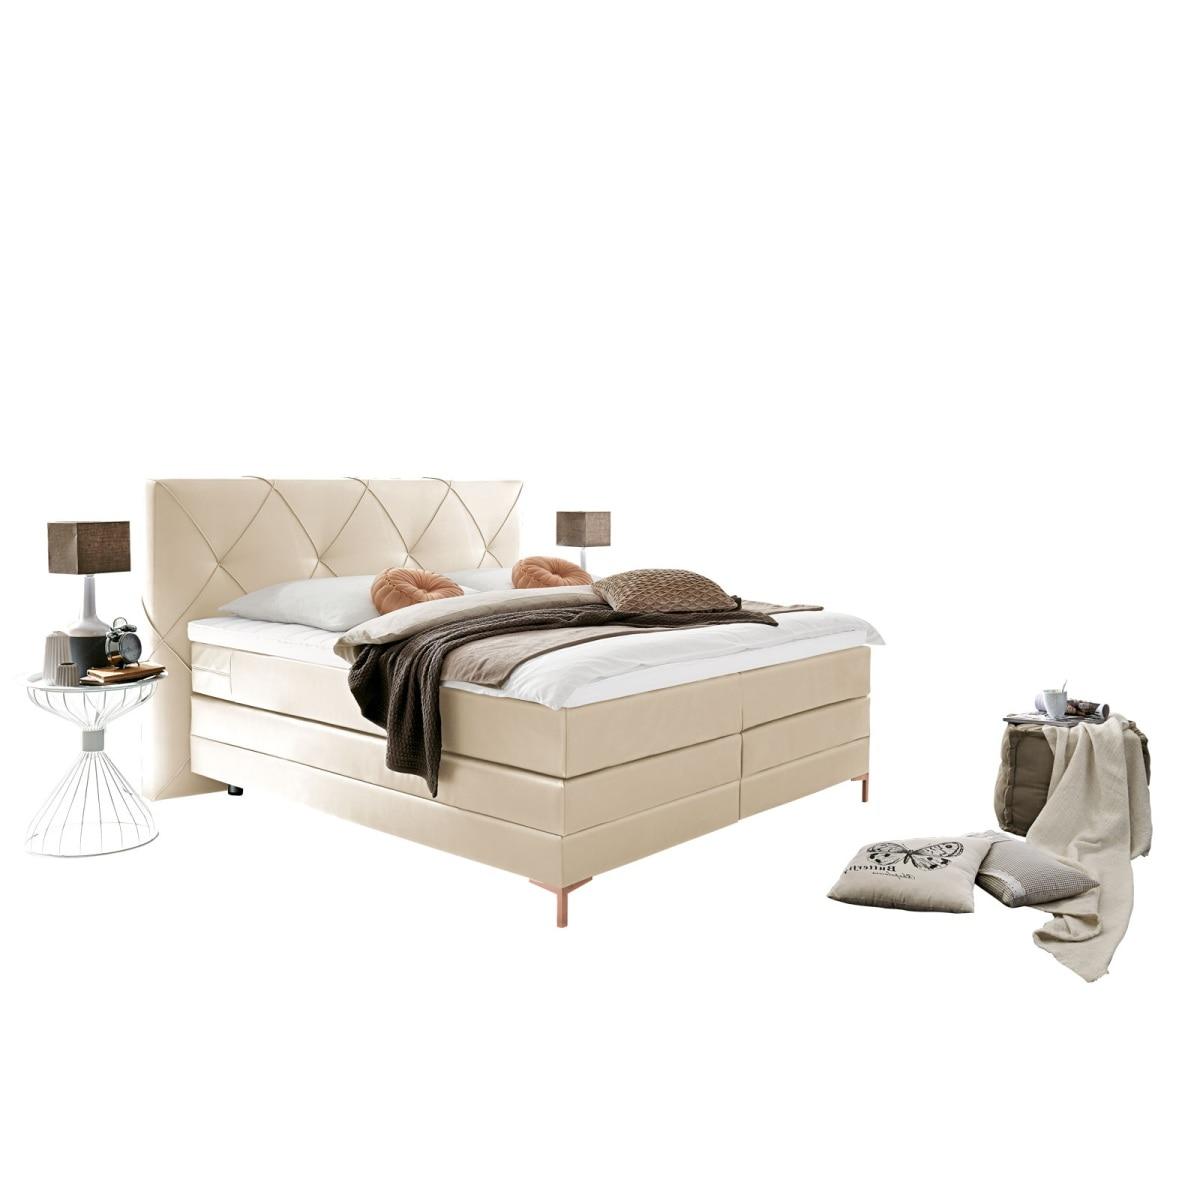 bett mondo stoffbezug cremewei ca 180 x 200 cm tonnentaschenfederkernmatratze h3 h4 porta. Black Bedroom Furniture Sets. Home Design Ideas